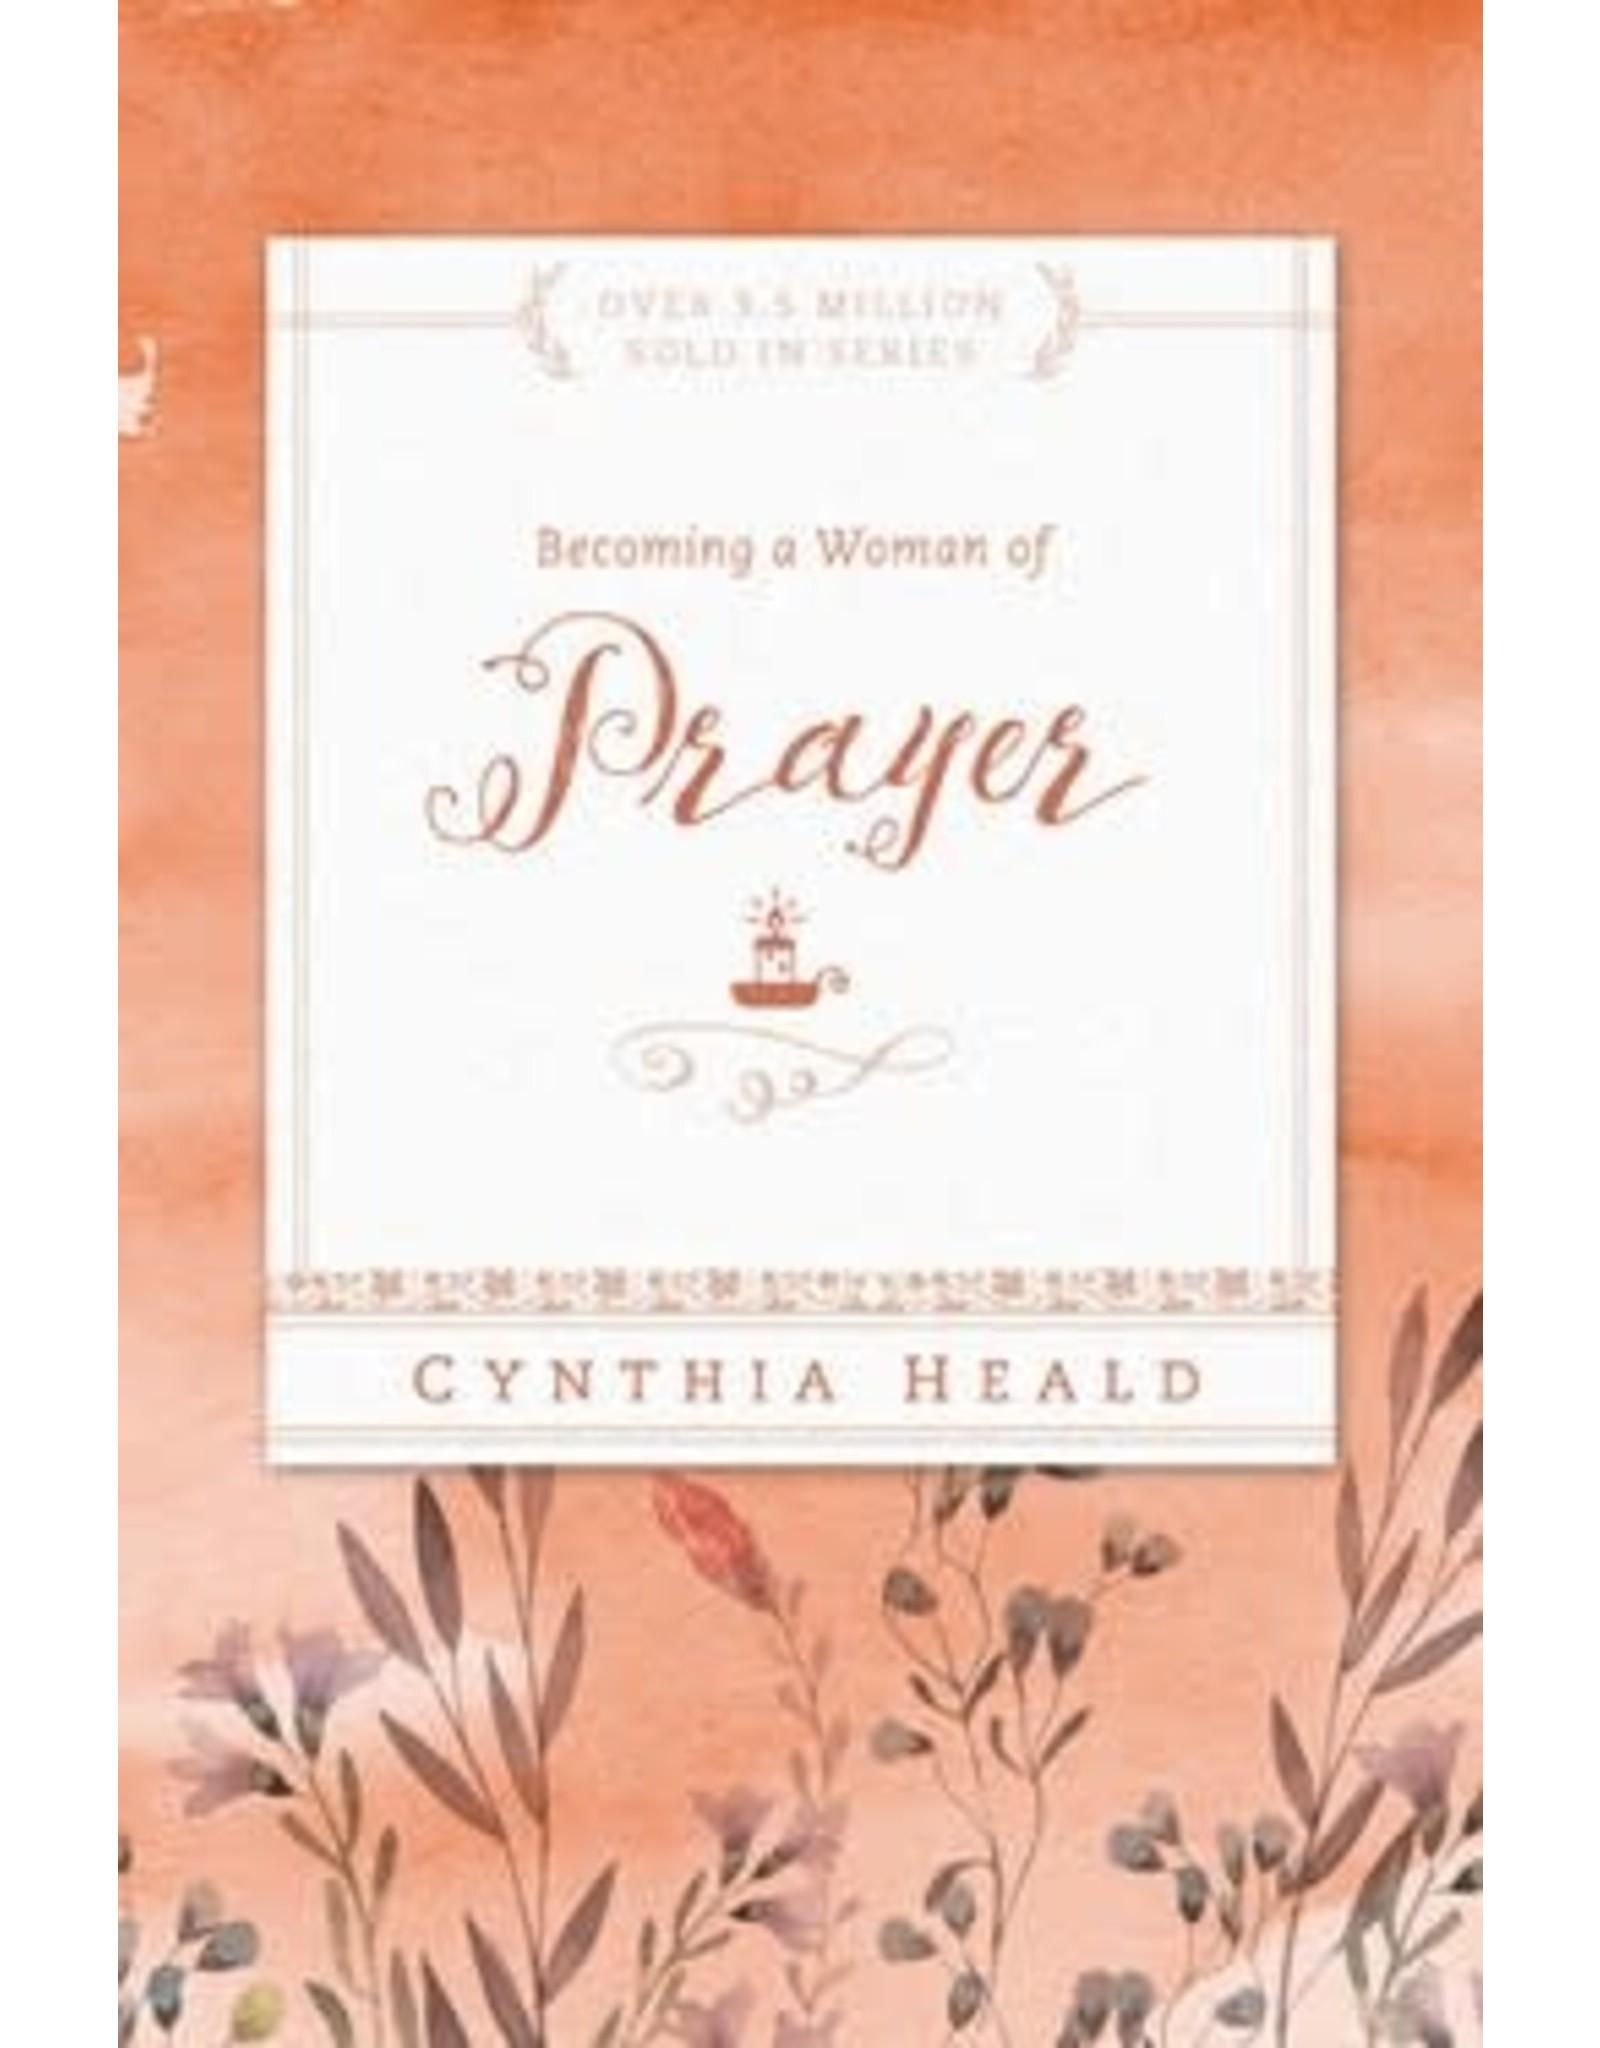 Heald Becoming a Woman of Prayer